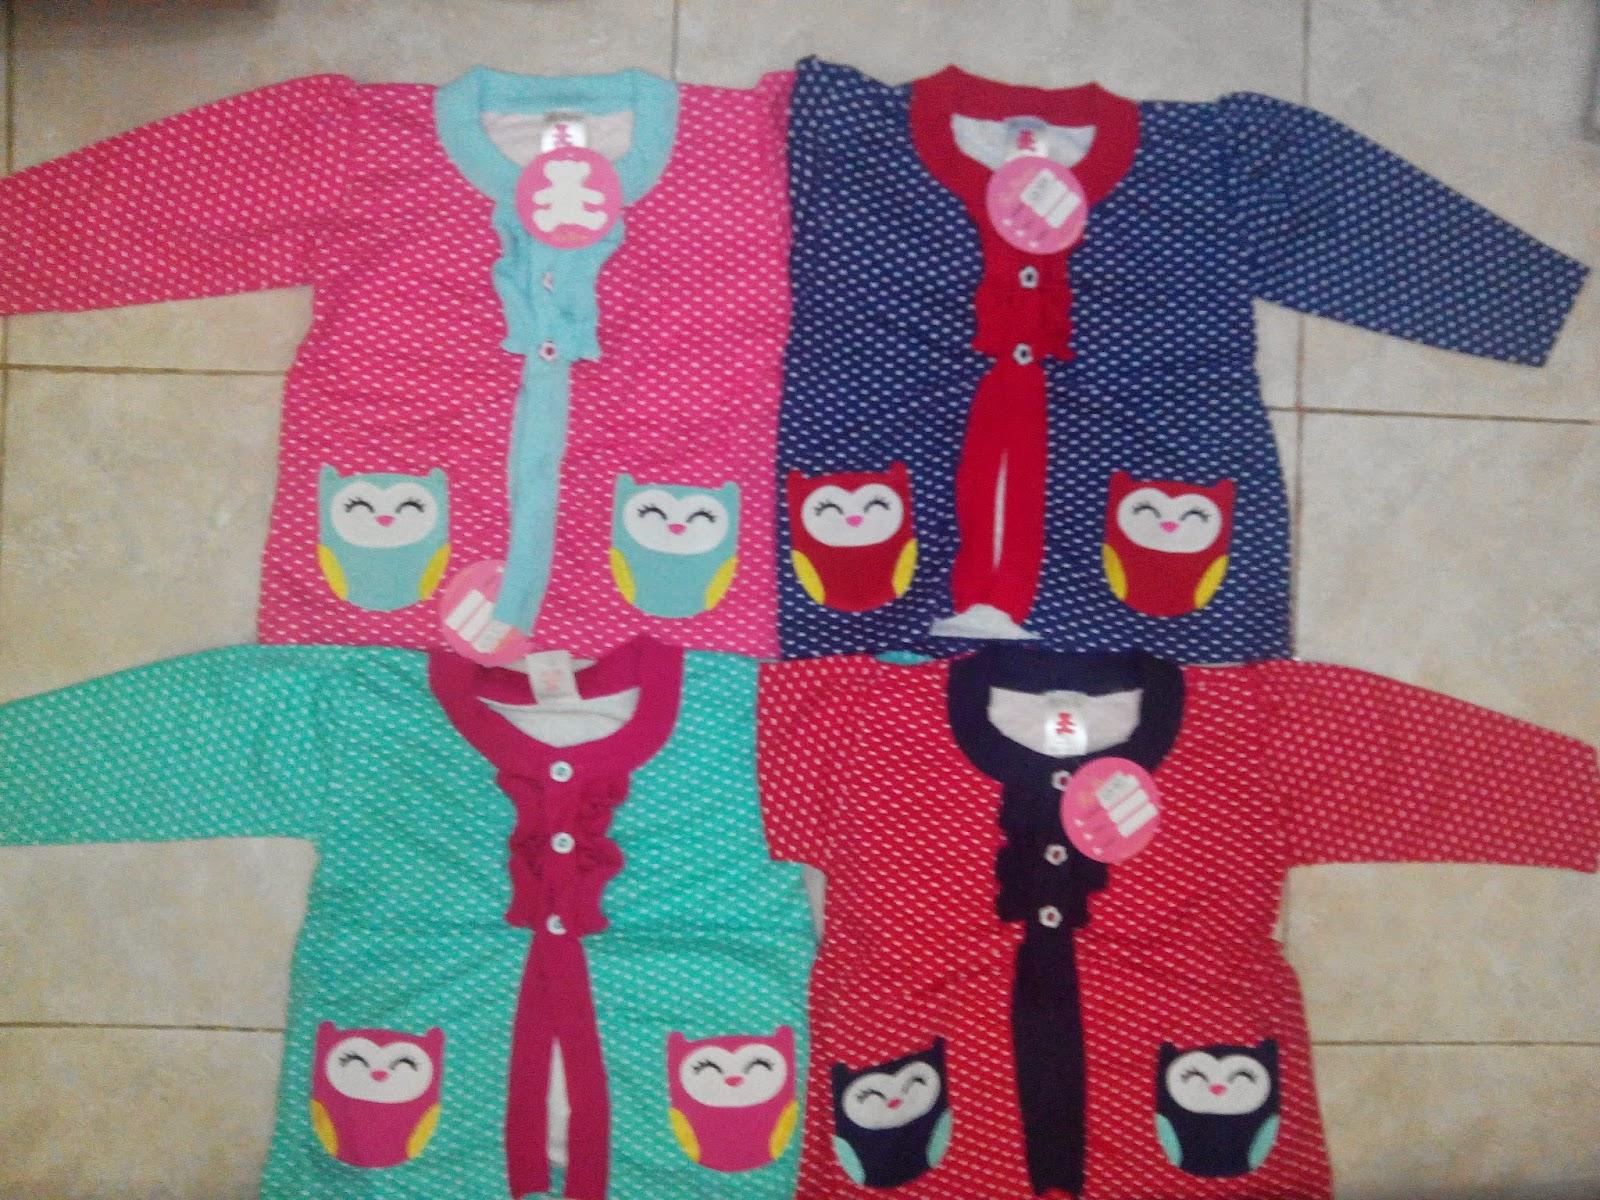 Jual Baju Bayi Usia 0 Anak Minion Biru